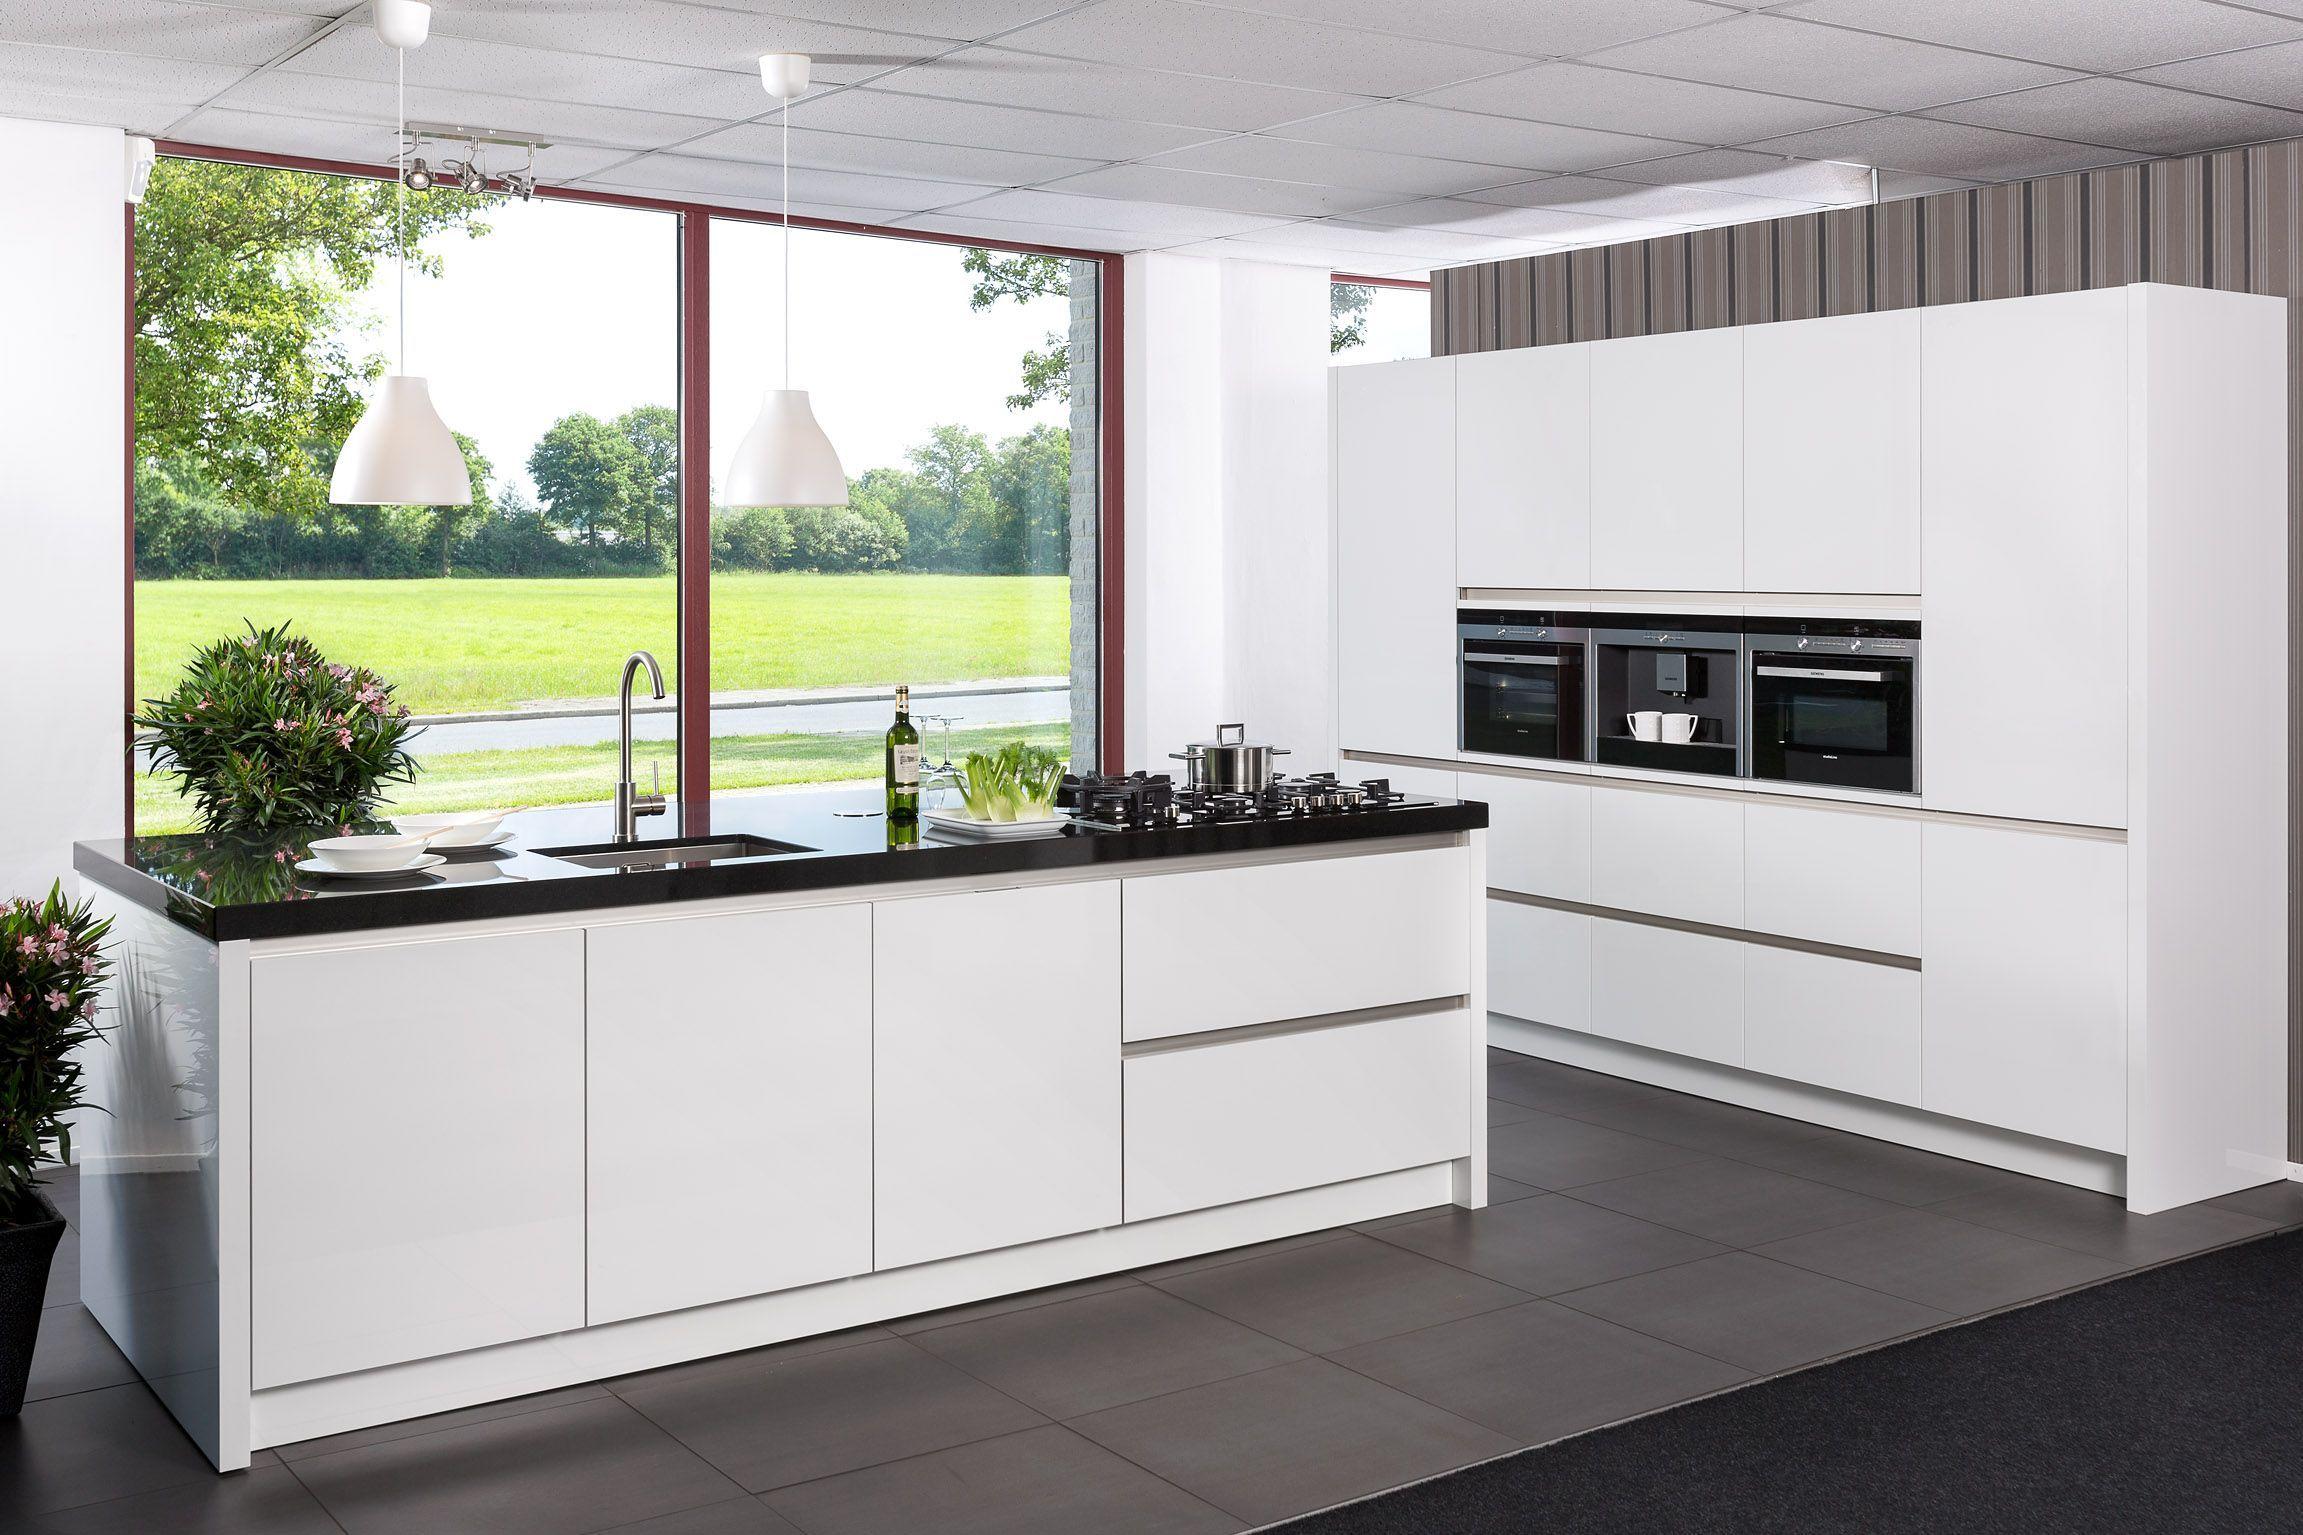 Keuken met kastenwand en kookeiland google zoeken keuken pinterest keuken zoeken en google - Keuken met kookeiland table ...